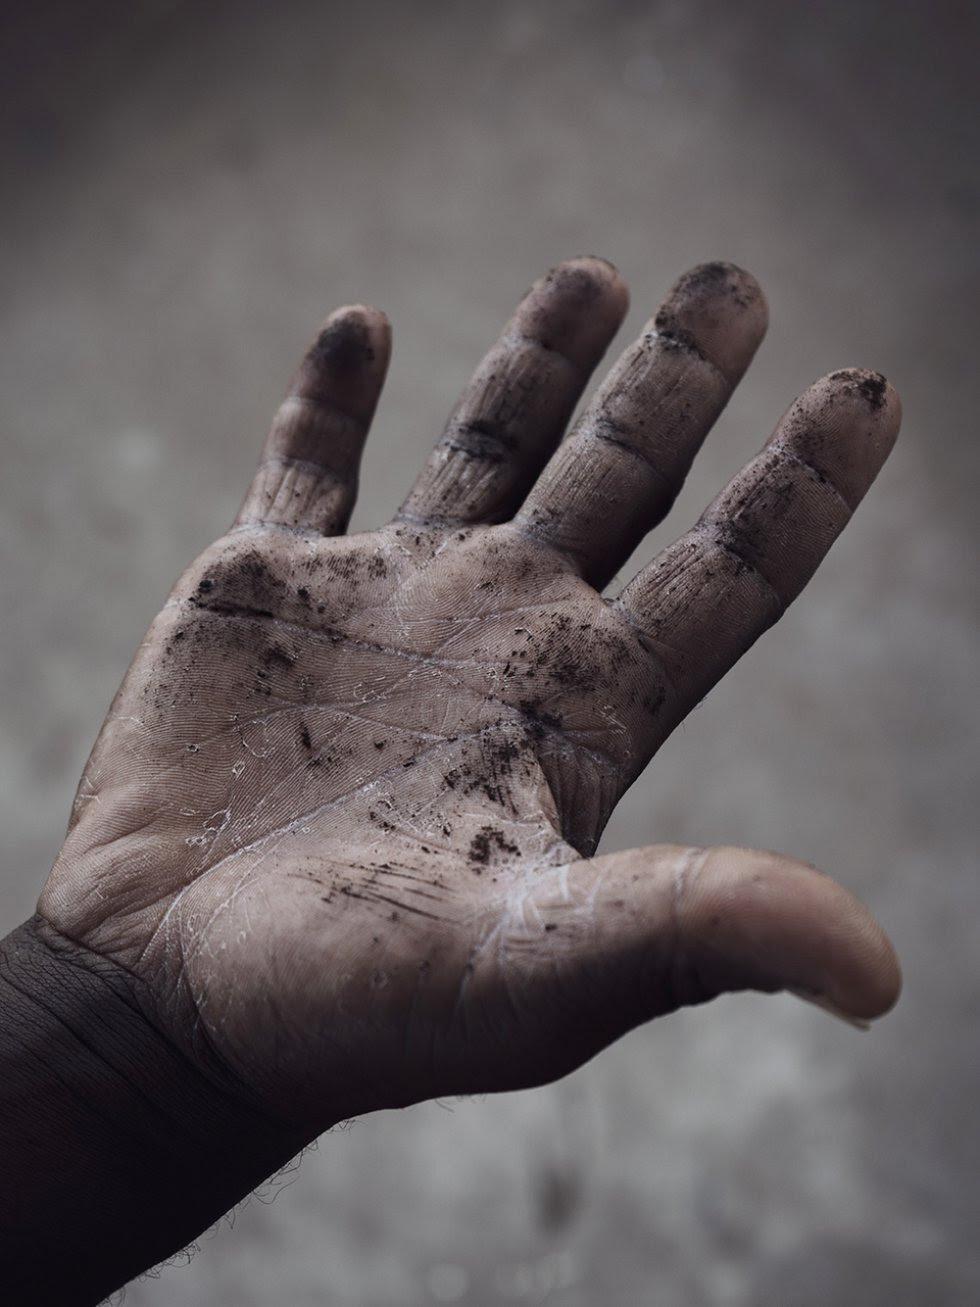 El polvo fino del área de extracción termina en las casas de los pueblos. Edmundu muestra los residuos de carbón en la palma de su mano que se encuentran en su casa.